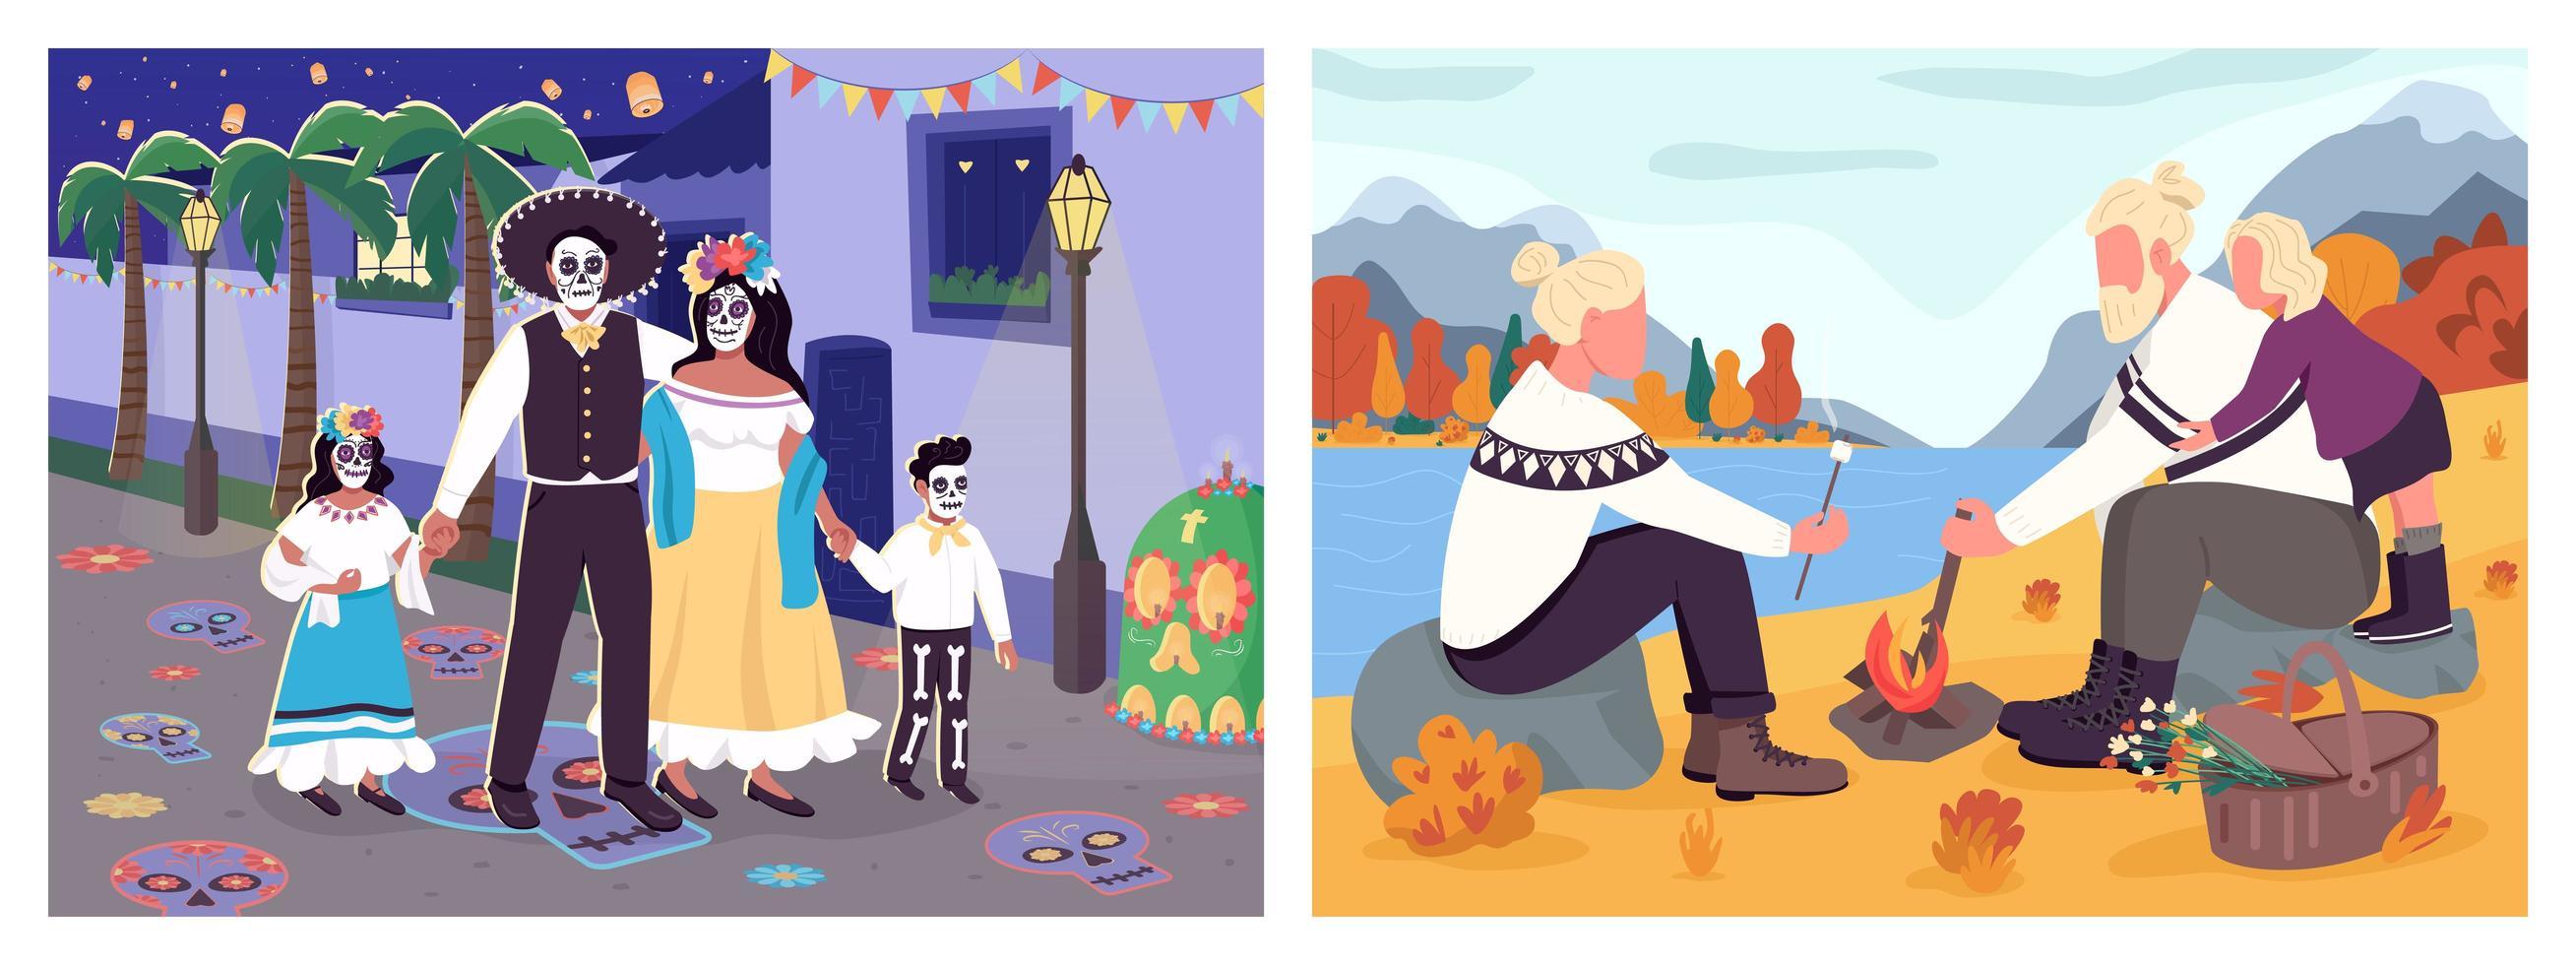 activités d'automne en famille vecteur